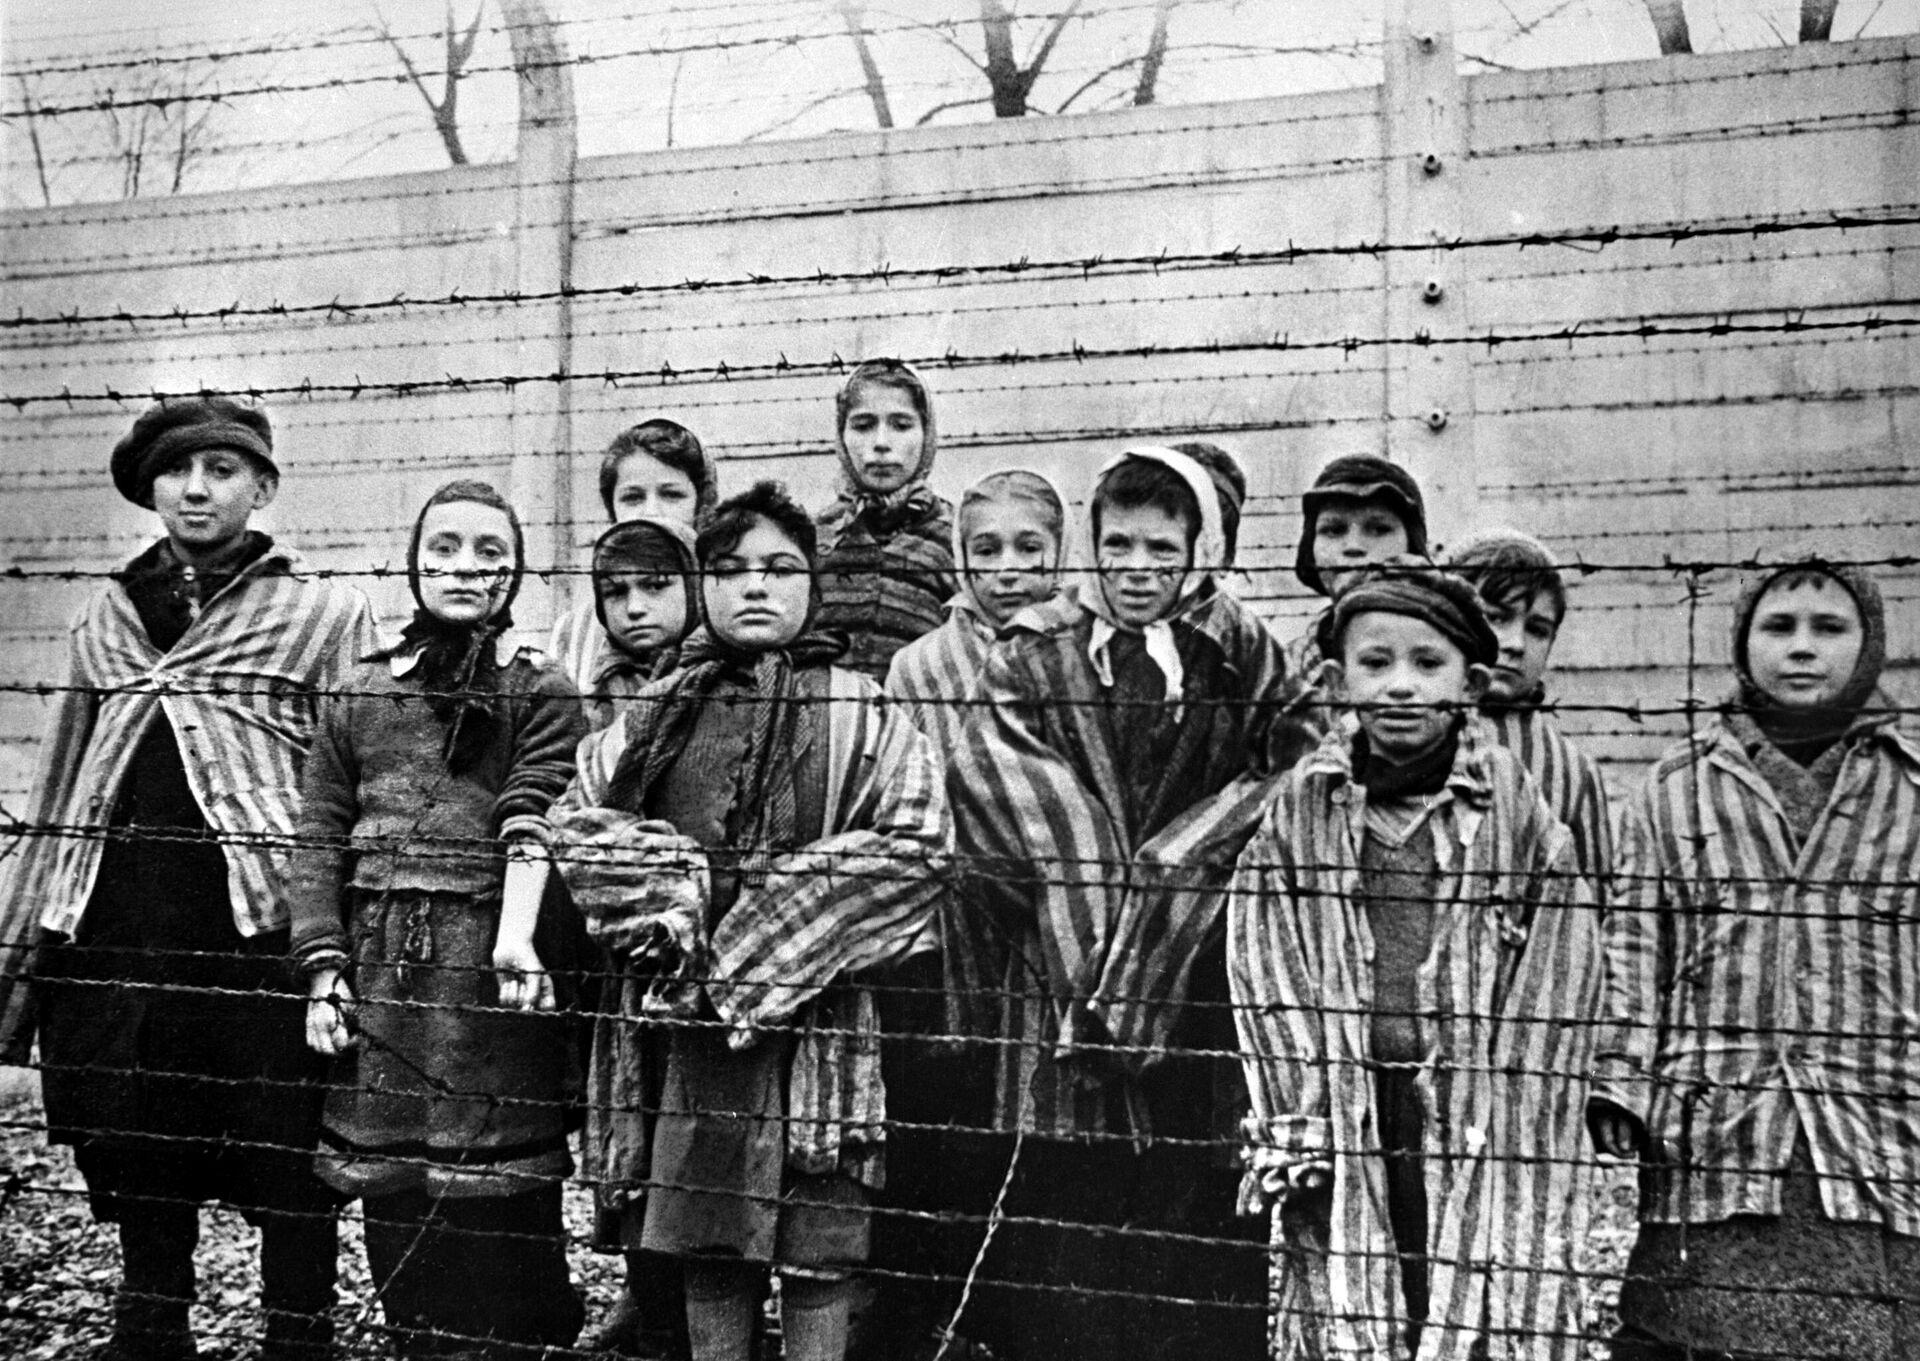 Дети, заключенные концентрационного лагеря Освенцим - РИА Новости, 1920, 29.04.2021